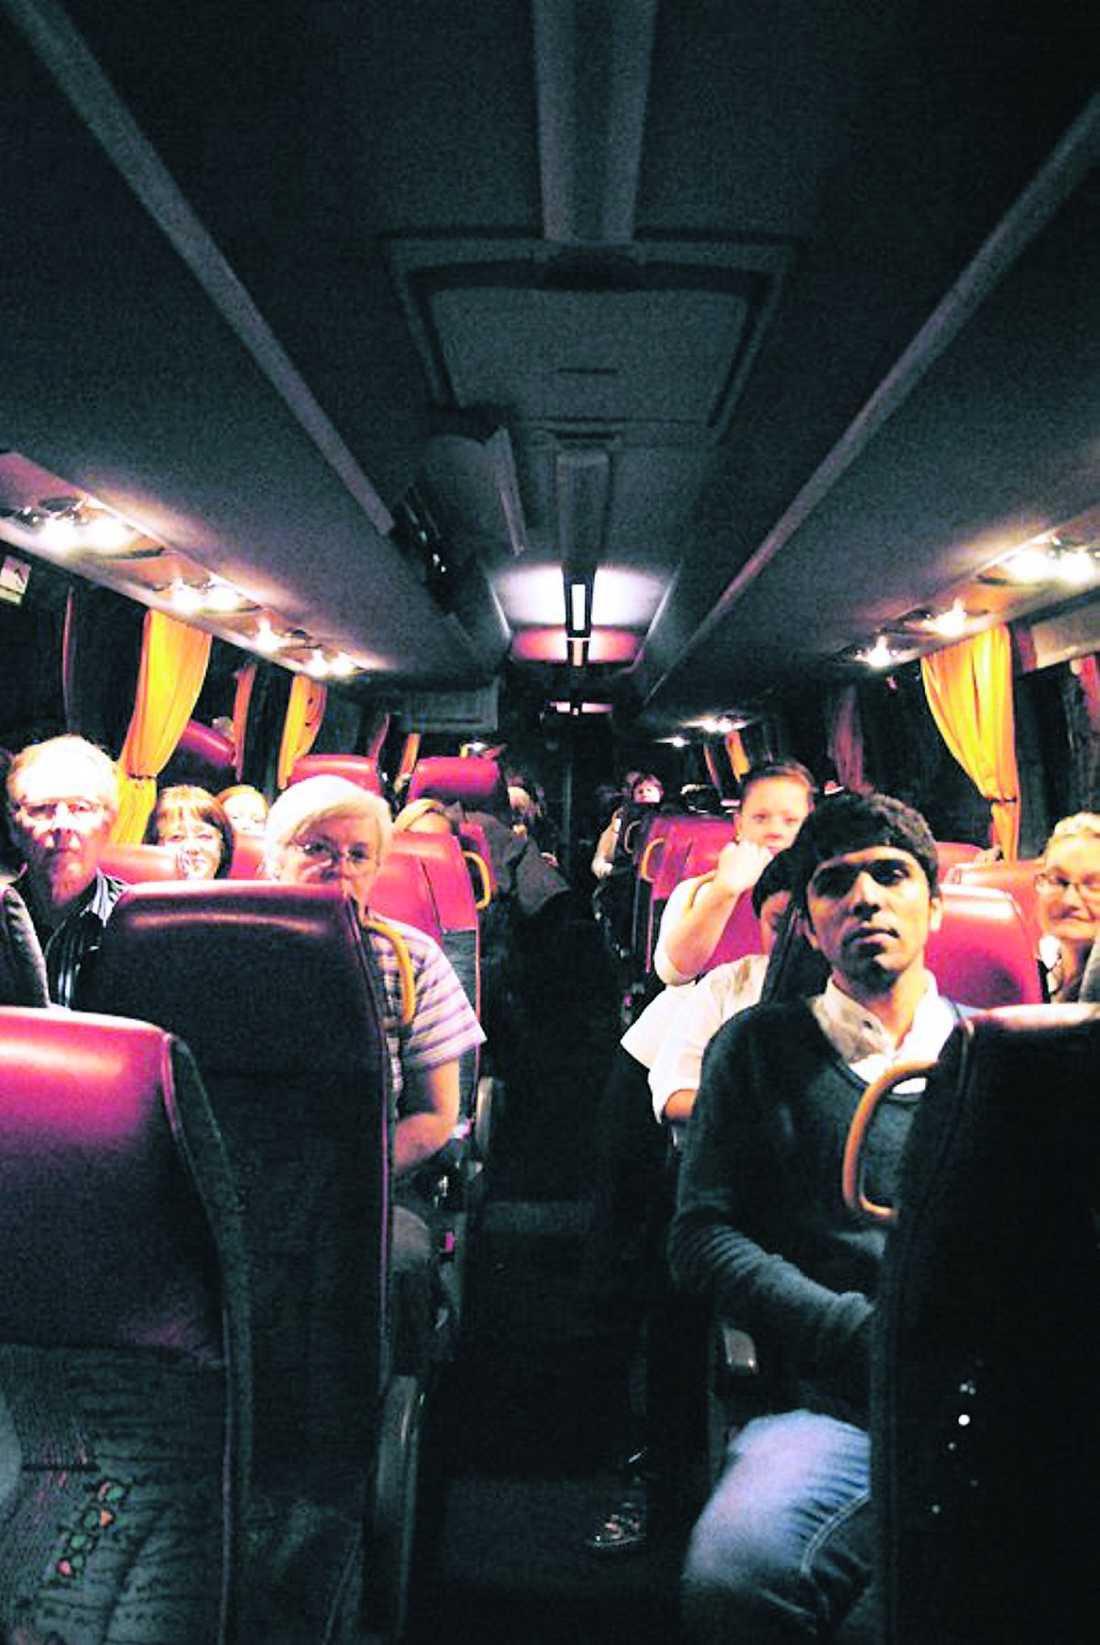 """satt fast i sju timmar En buss med ett 40-tal passagerare fastnade vid tretiden i trafikkaoset efter olyckan på E4. De fick tillbringa hela natten i den stillastående bussen """"Man visste ju om olyckan när vi åkte från Sundsvall. Vi borde ha dirigerats om"""", säger en av passageren, Yvonne Jonsson, 60."""